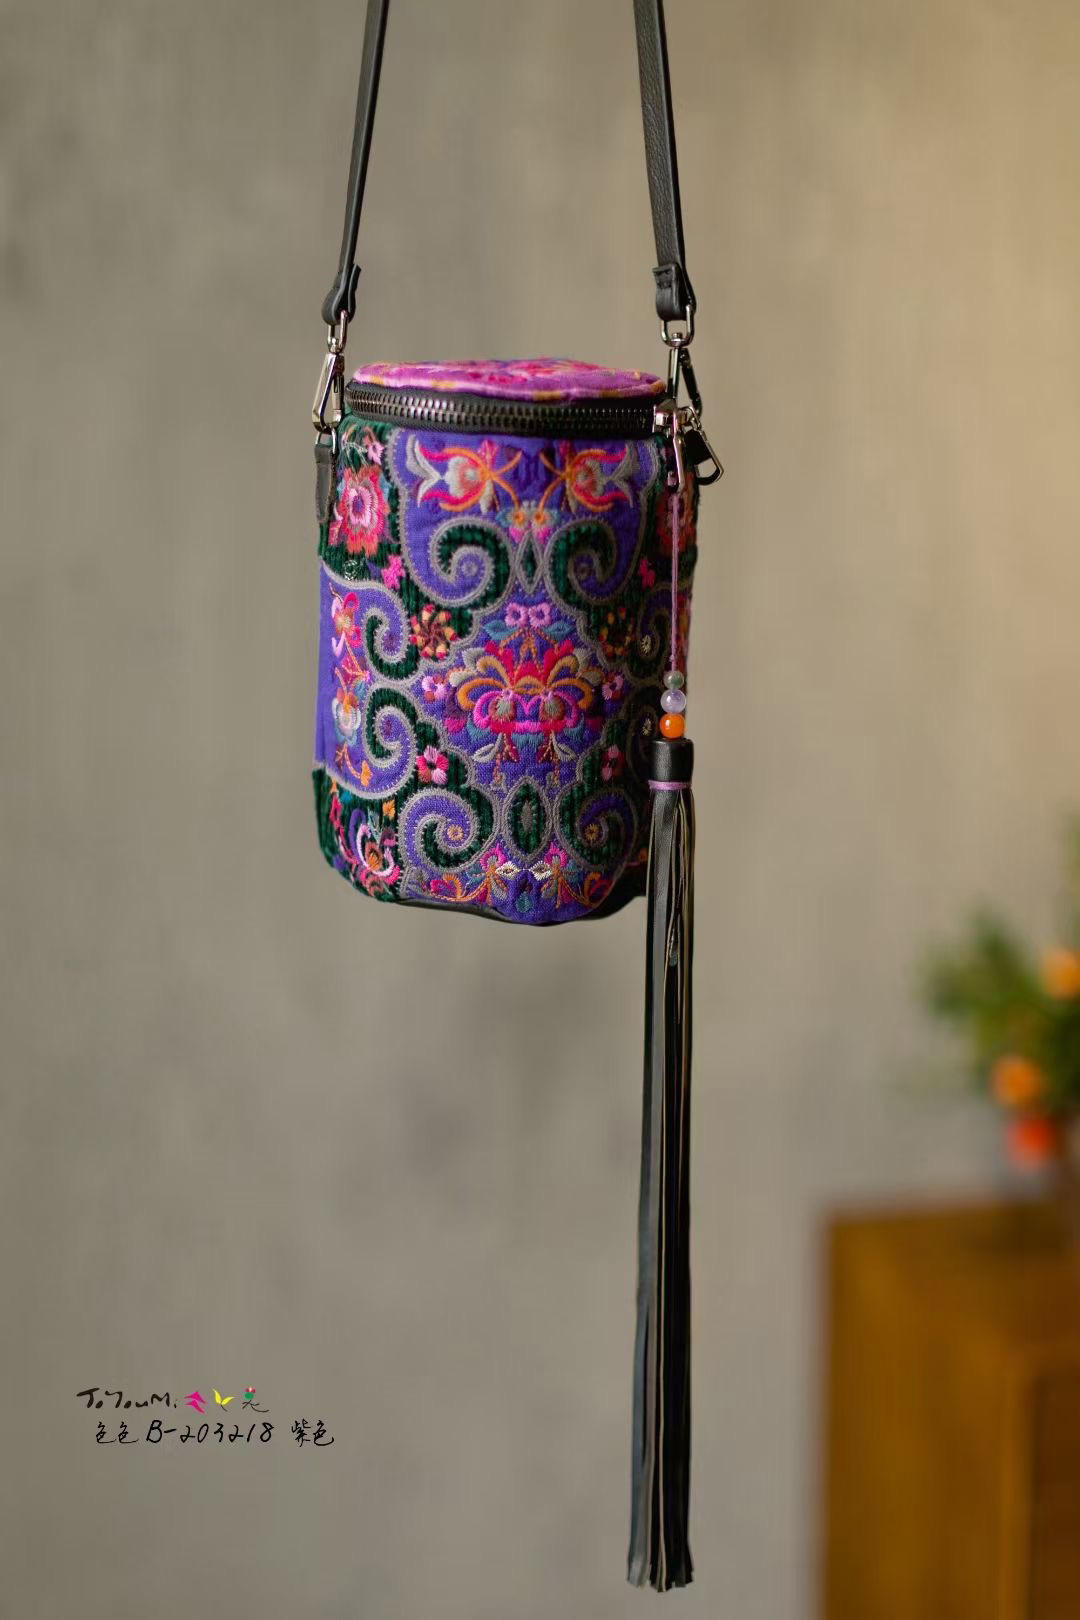 紫色水桶包 民族风紫色满绣水桶包单肩斜挎小包长流苏PU皮带布包女包_推荐淘宝好看的紫色水桶包